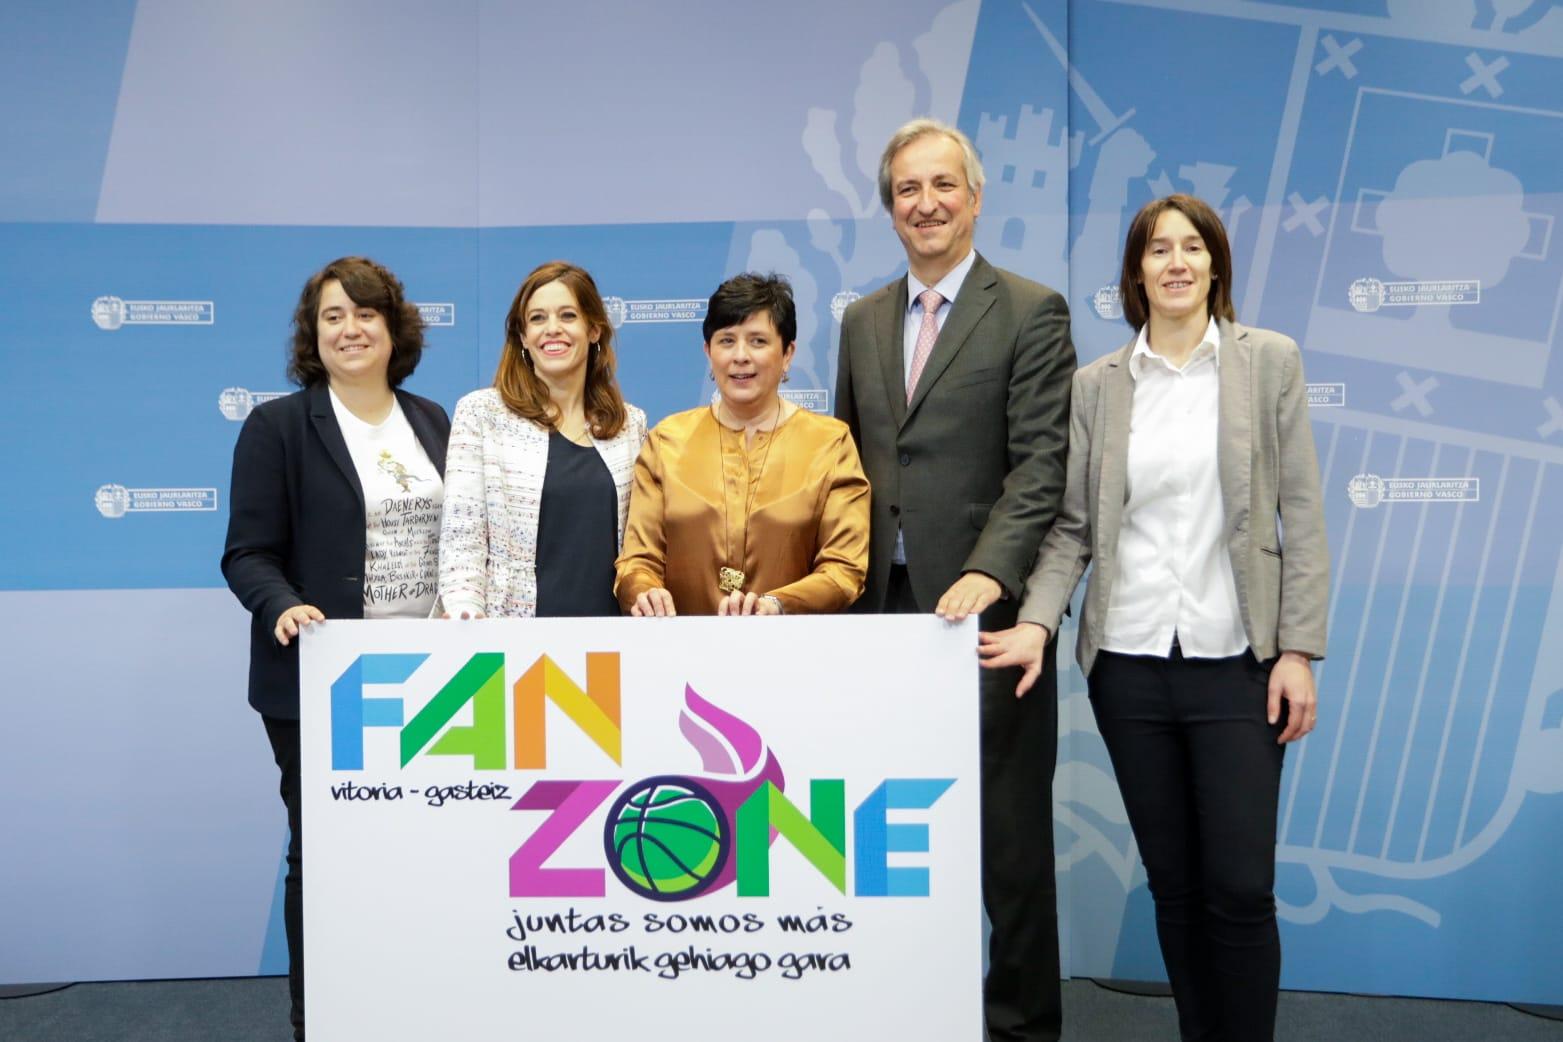 fan_zone_03.jpg